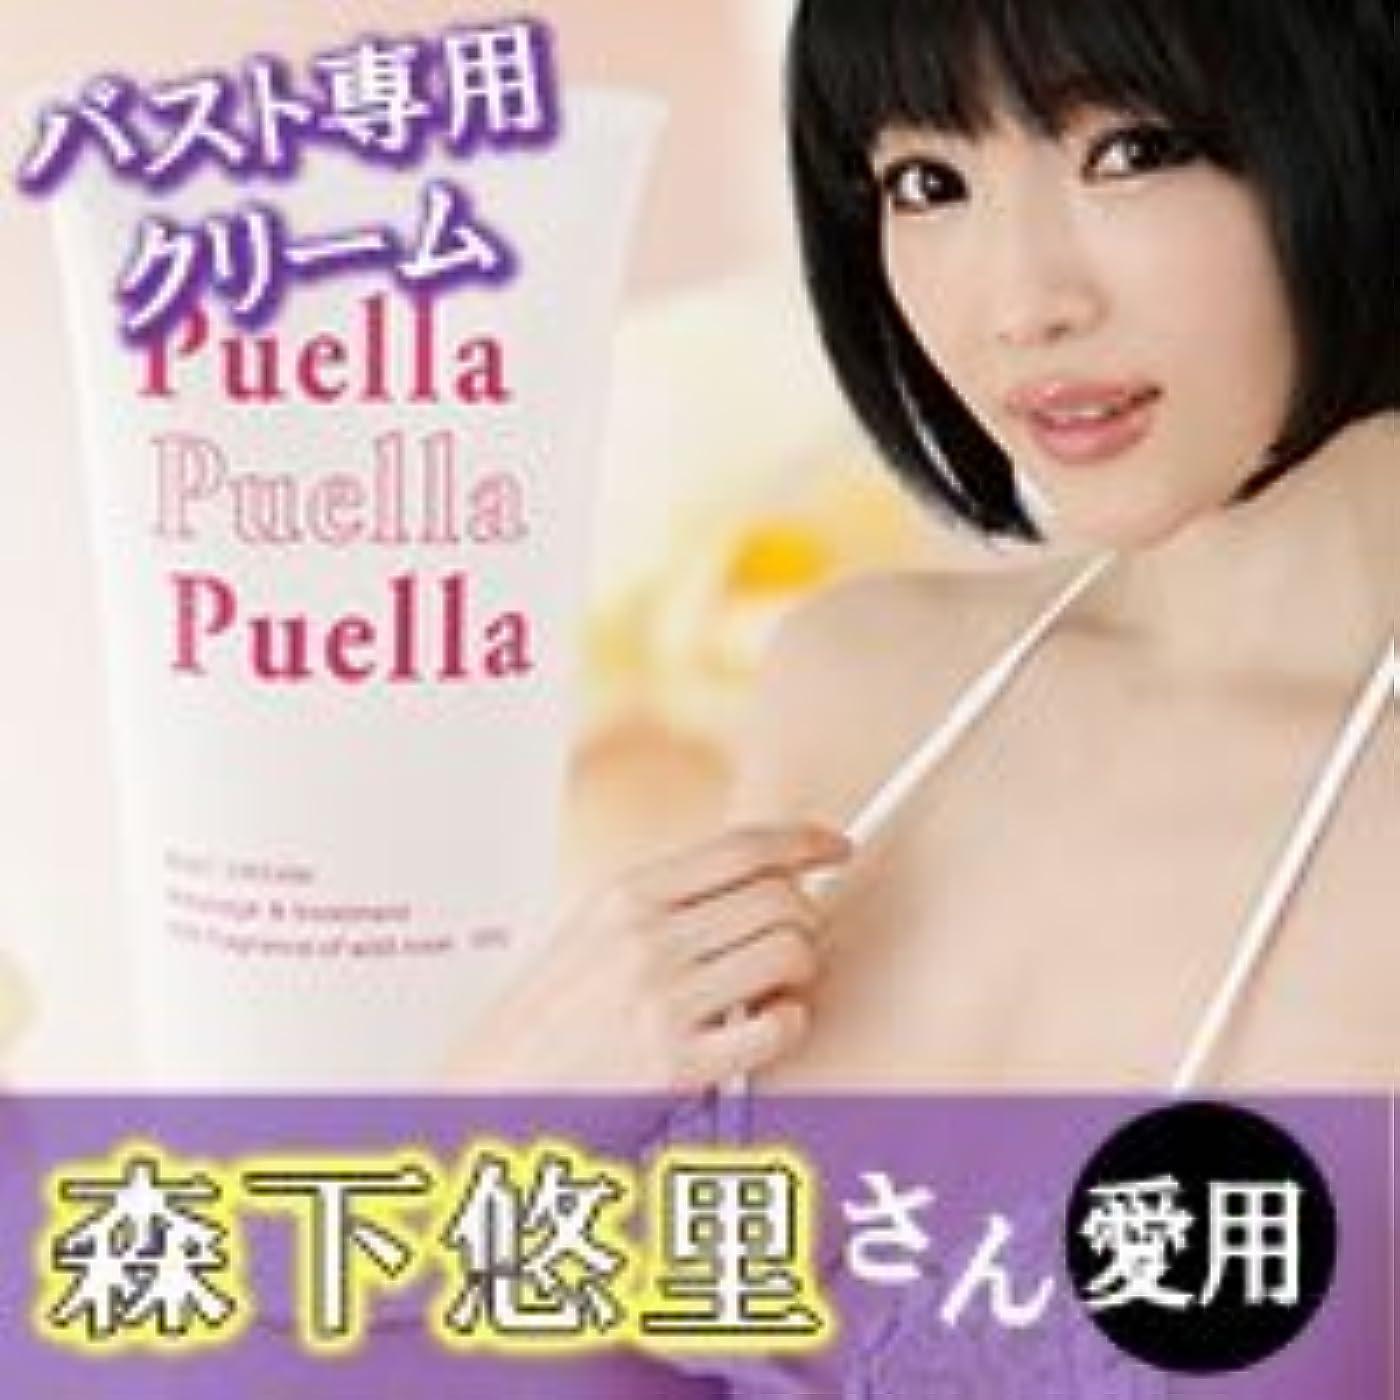 Puella プエルラ バスト用クリーム 8584br 【1点】